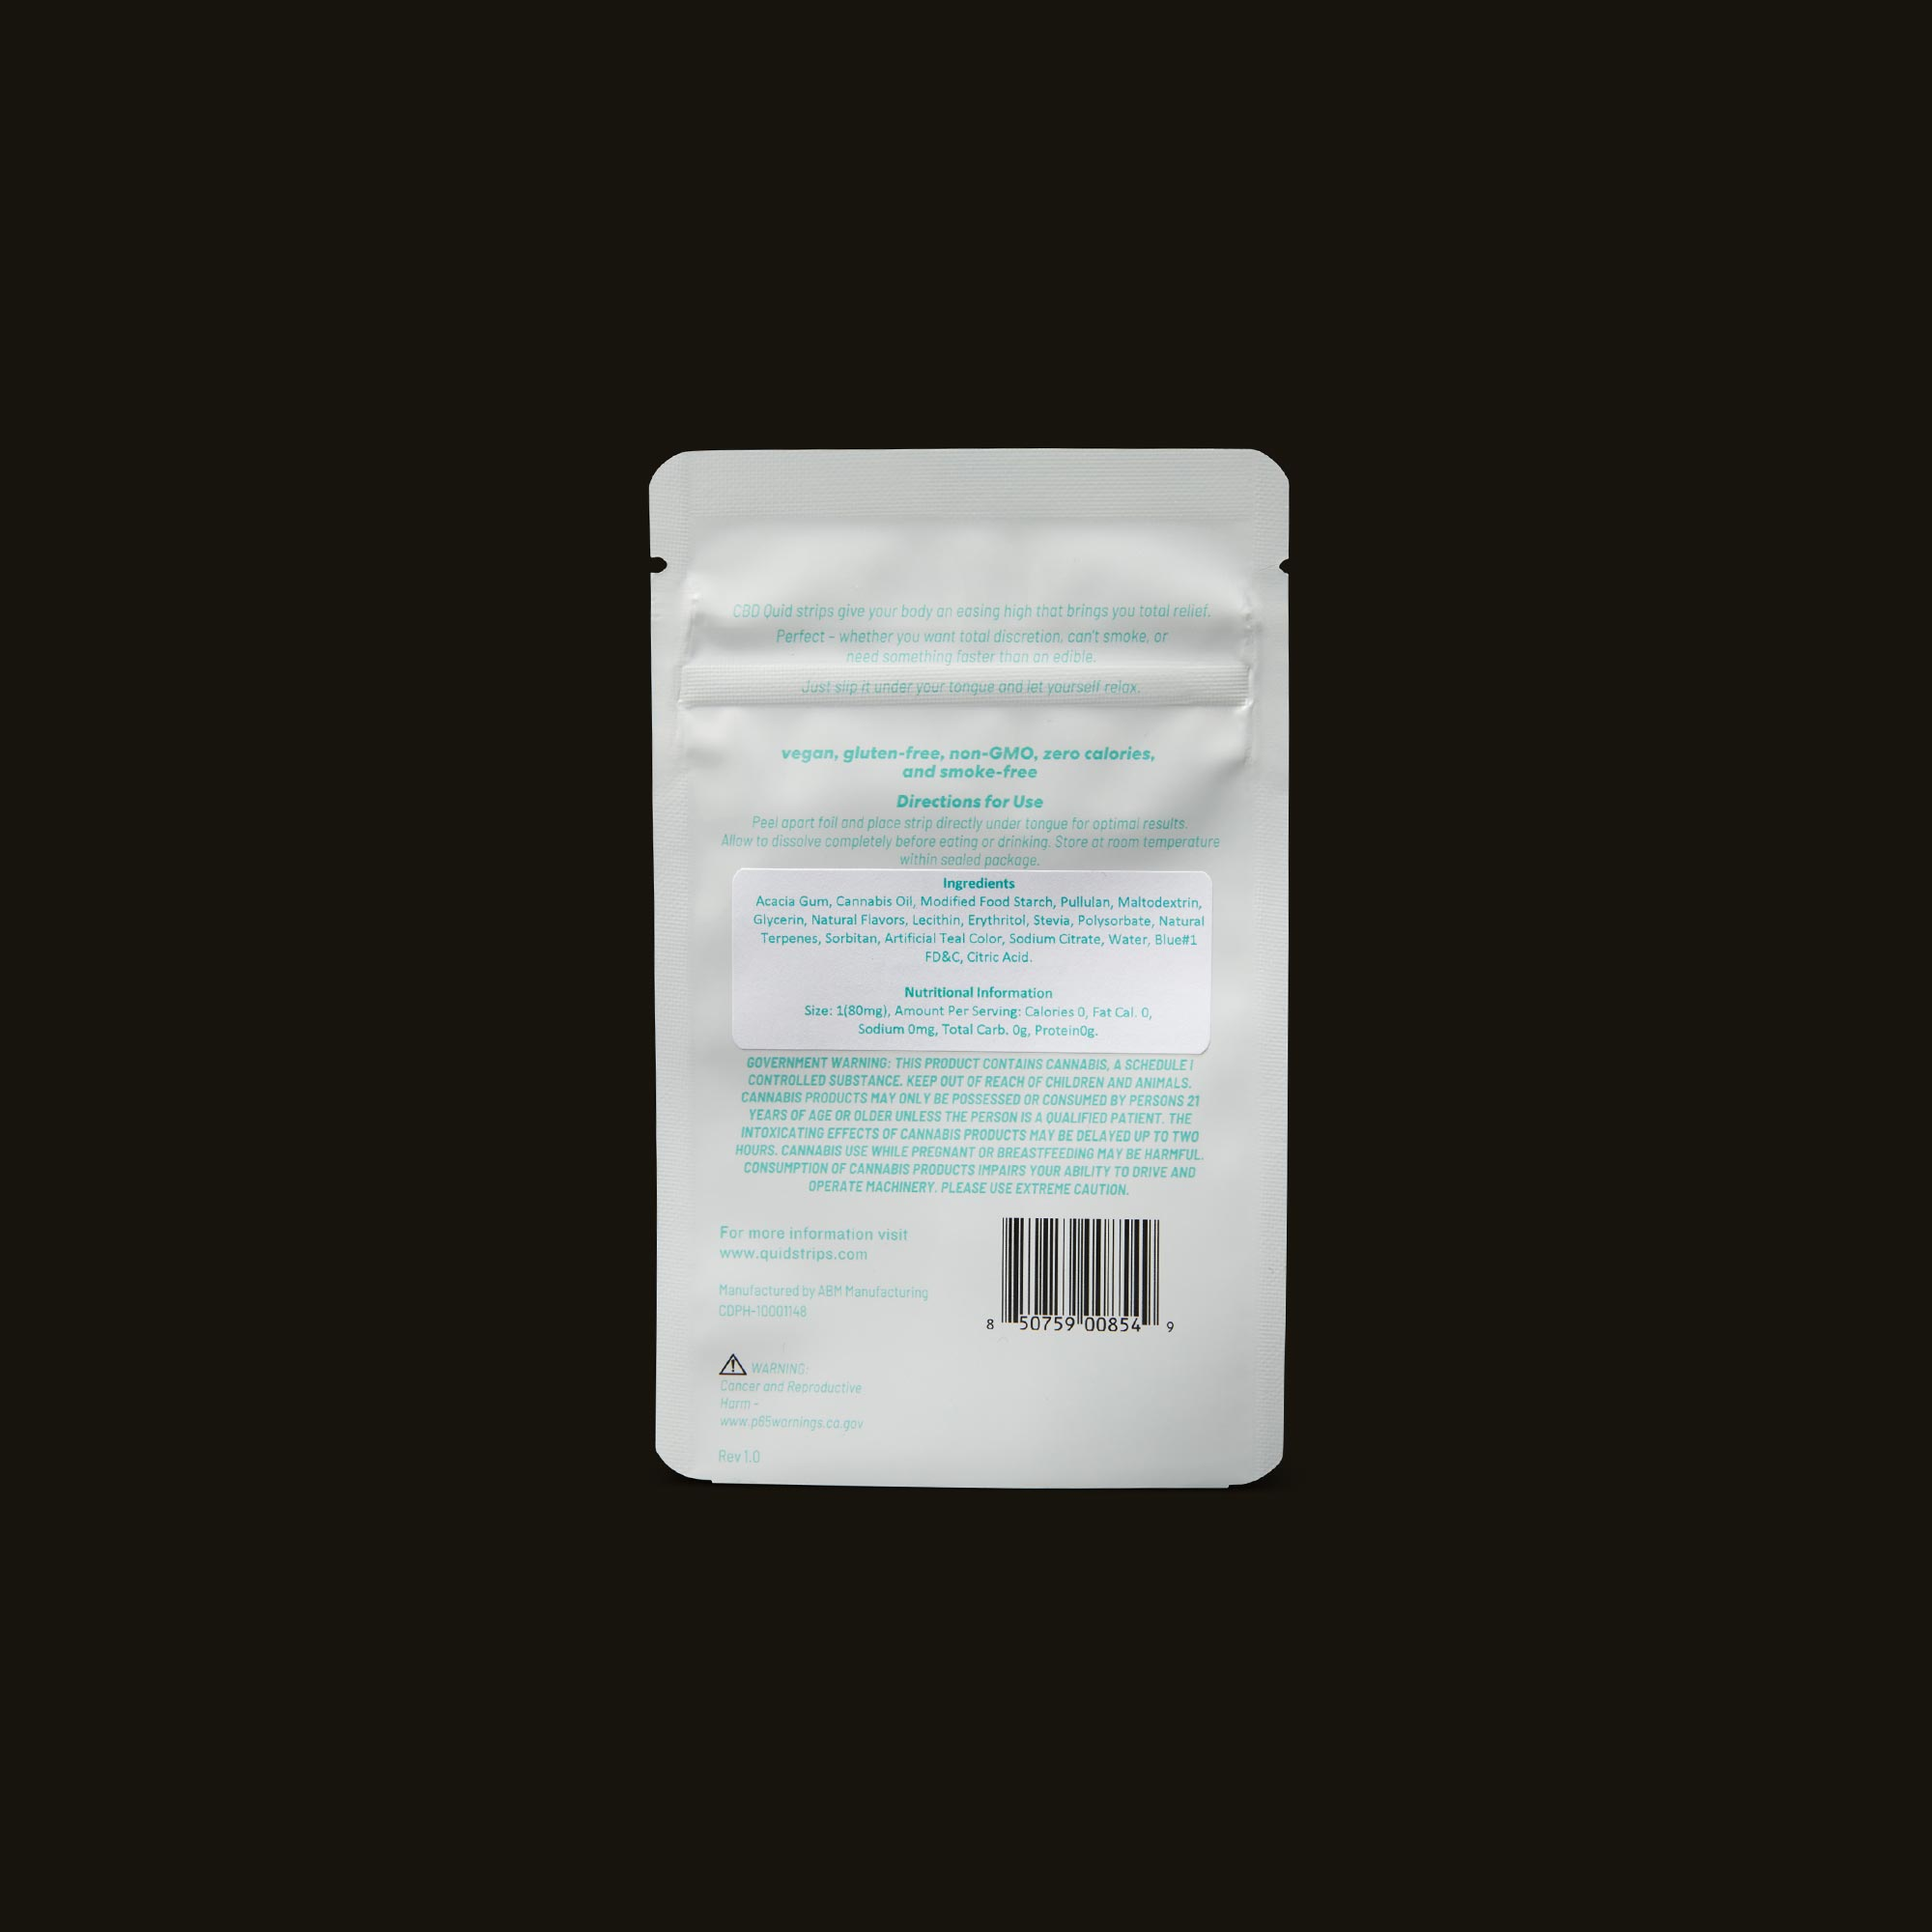 Quid Mint 10:1 Strips Ingredients